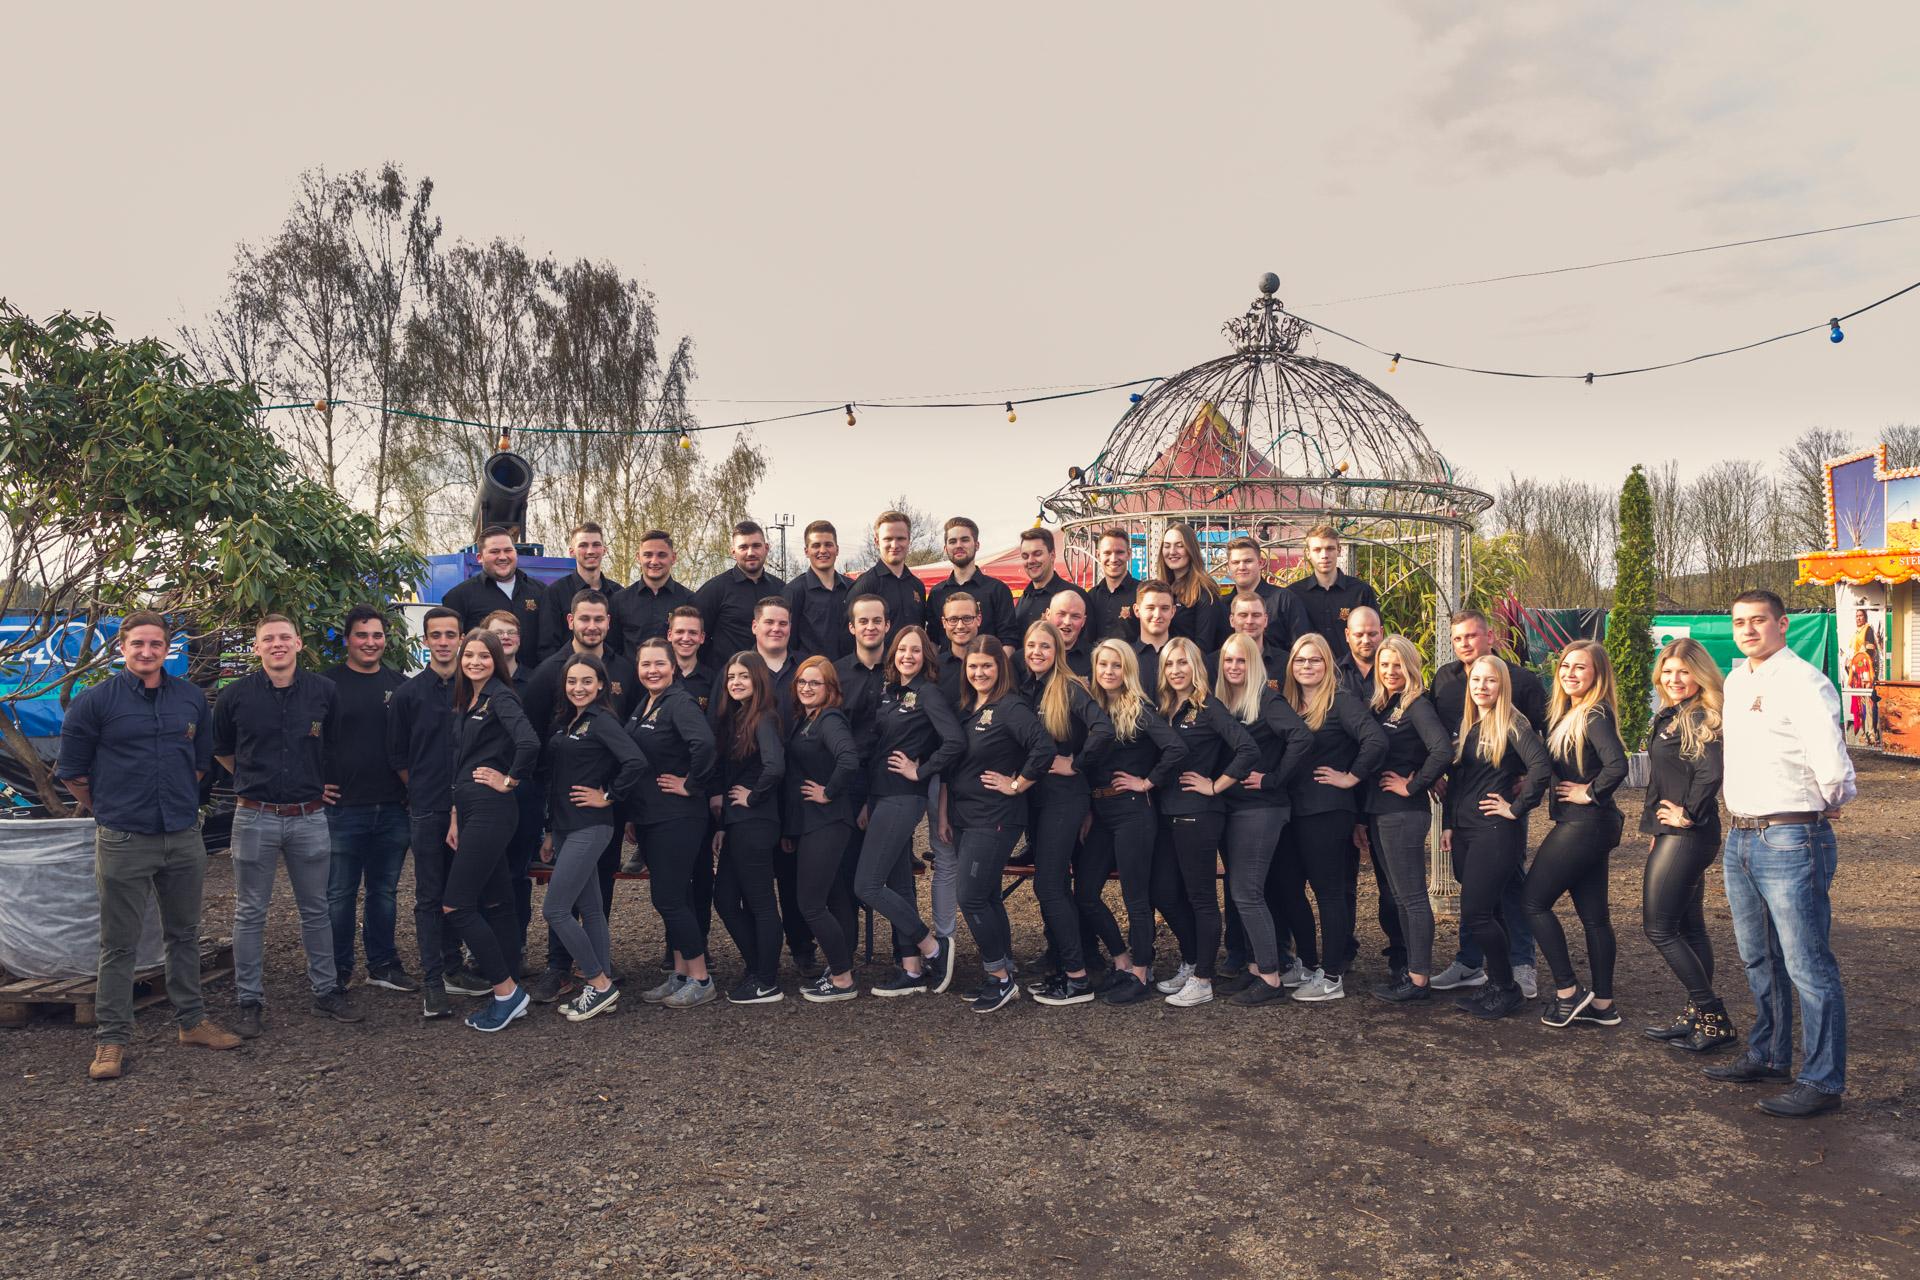 Gruppenfoto und Making-Of Video der Schwälmer Burschen – 14.04.2018